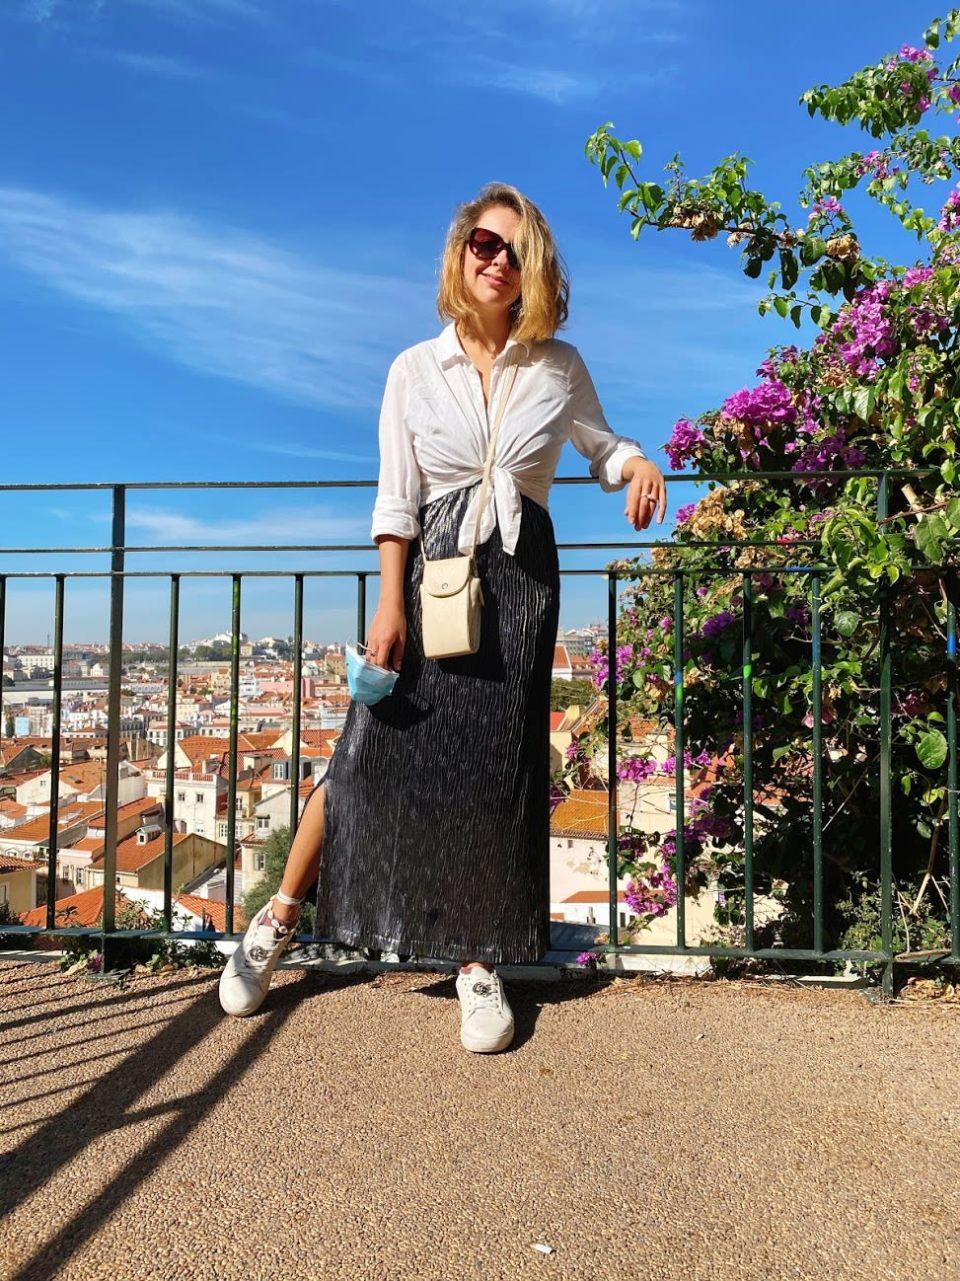 Marcie posa em frente a um miradouro, com céu azul e mini casas ao fundo. O look é composto por camisa branca amarrada na cintura, saia longa prateada, bolsa branca a tiracolo e tênis branco com cadarços amarrados na canela.